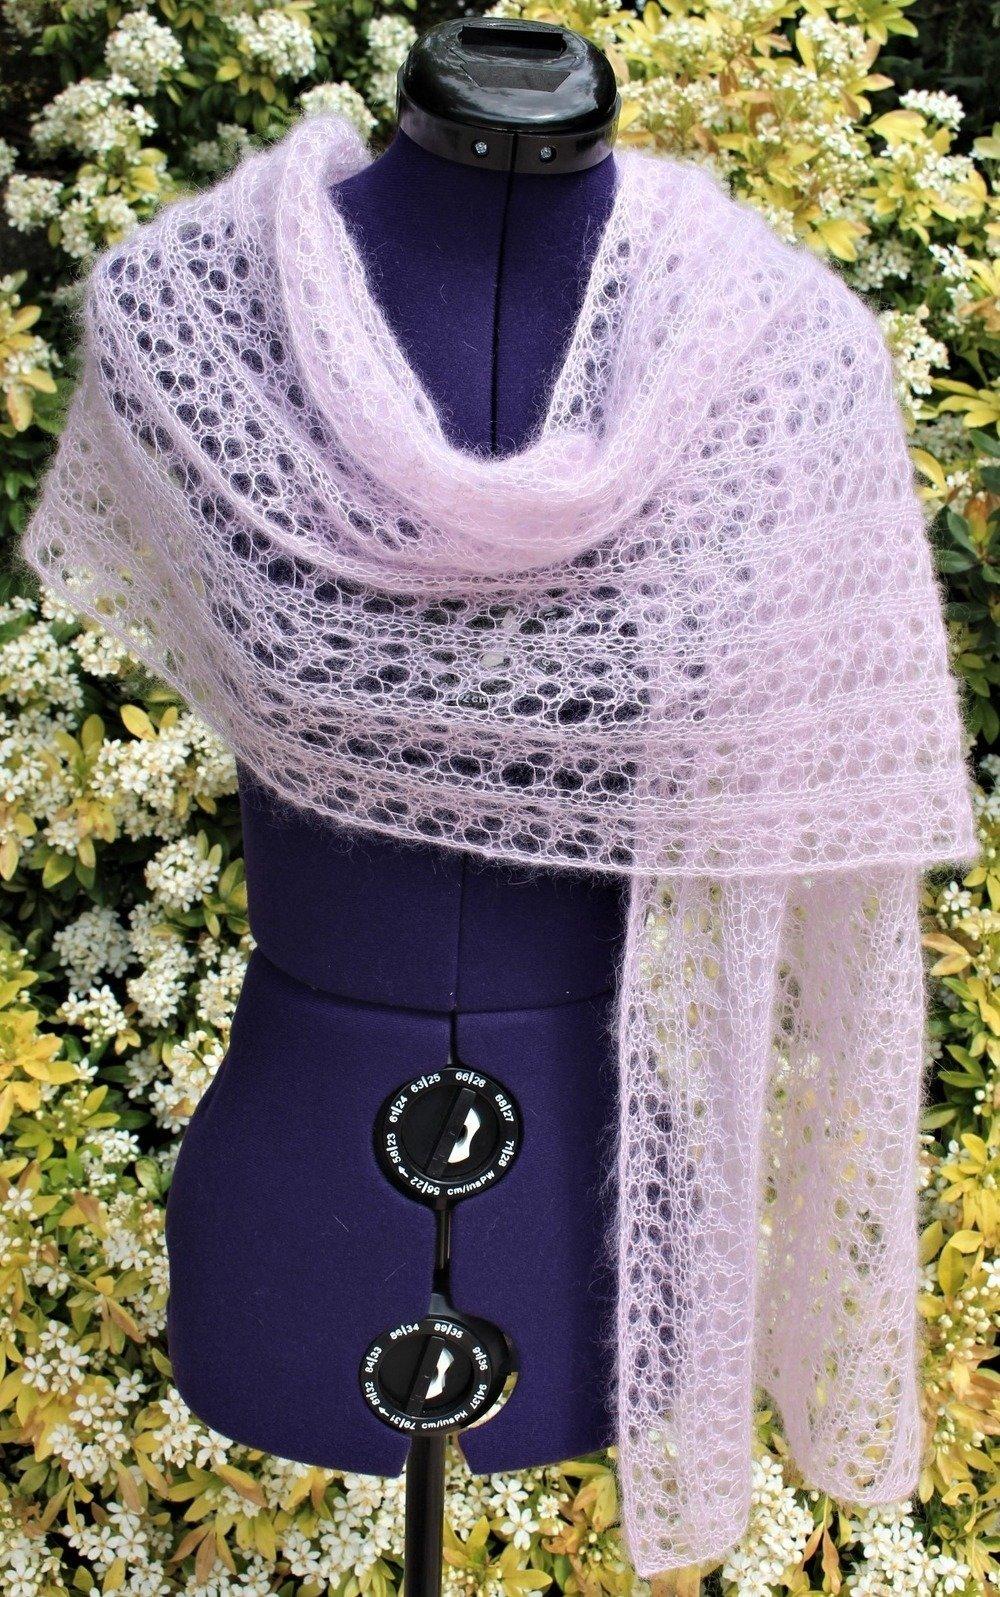 Étole mohair soie, châle mariage, étole tricot dentelle, écharpe ajourée rose poudré